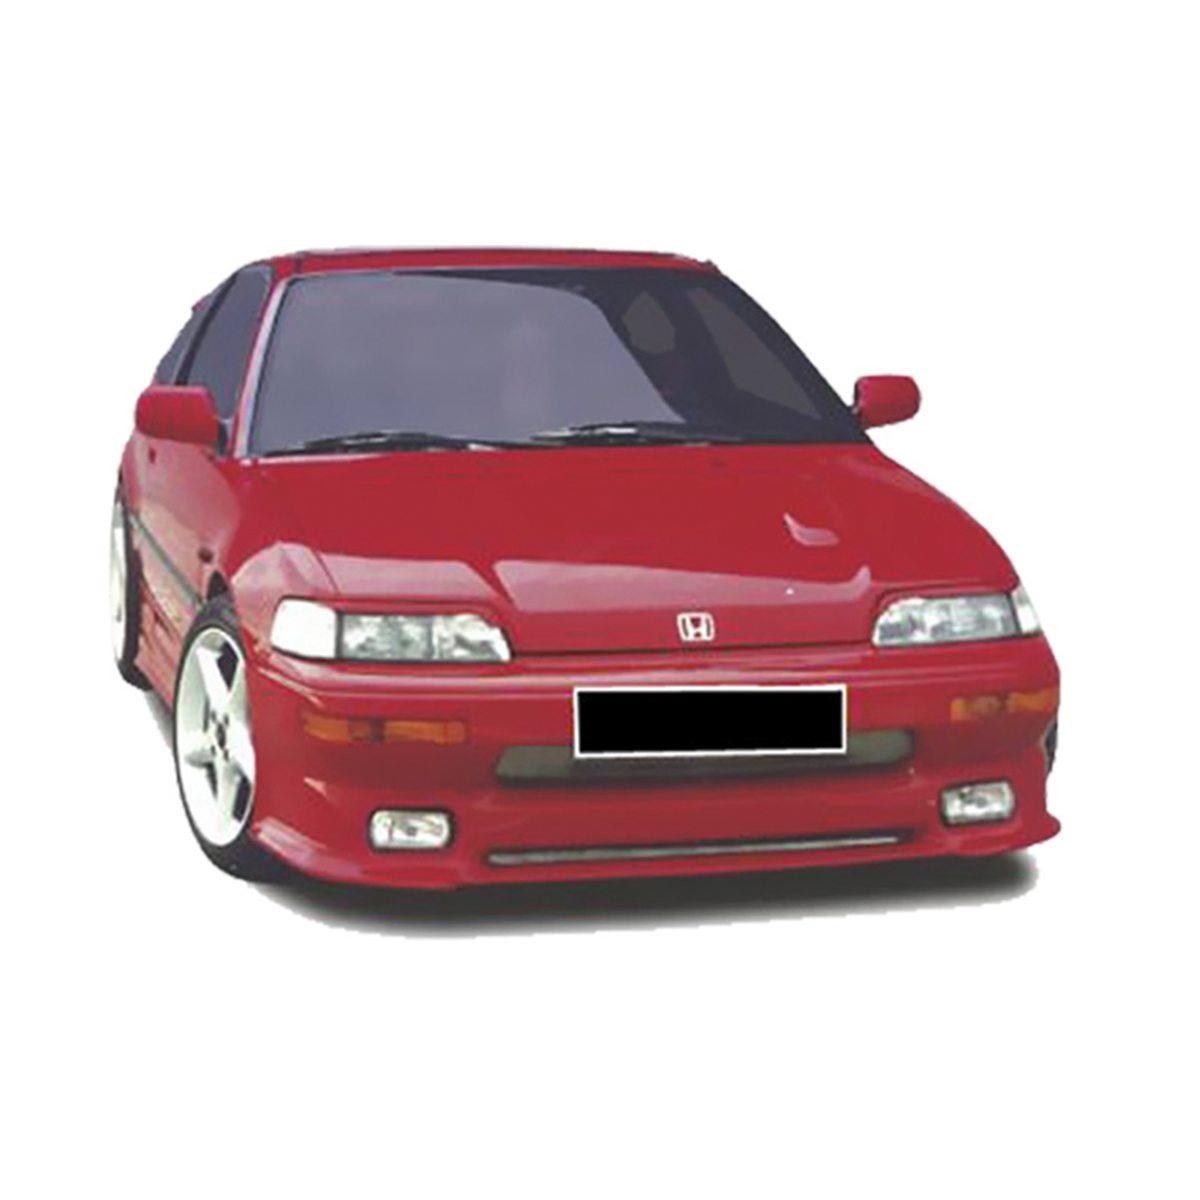 Honda-CRX-88-91-16V-Frt-PCN041